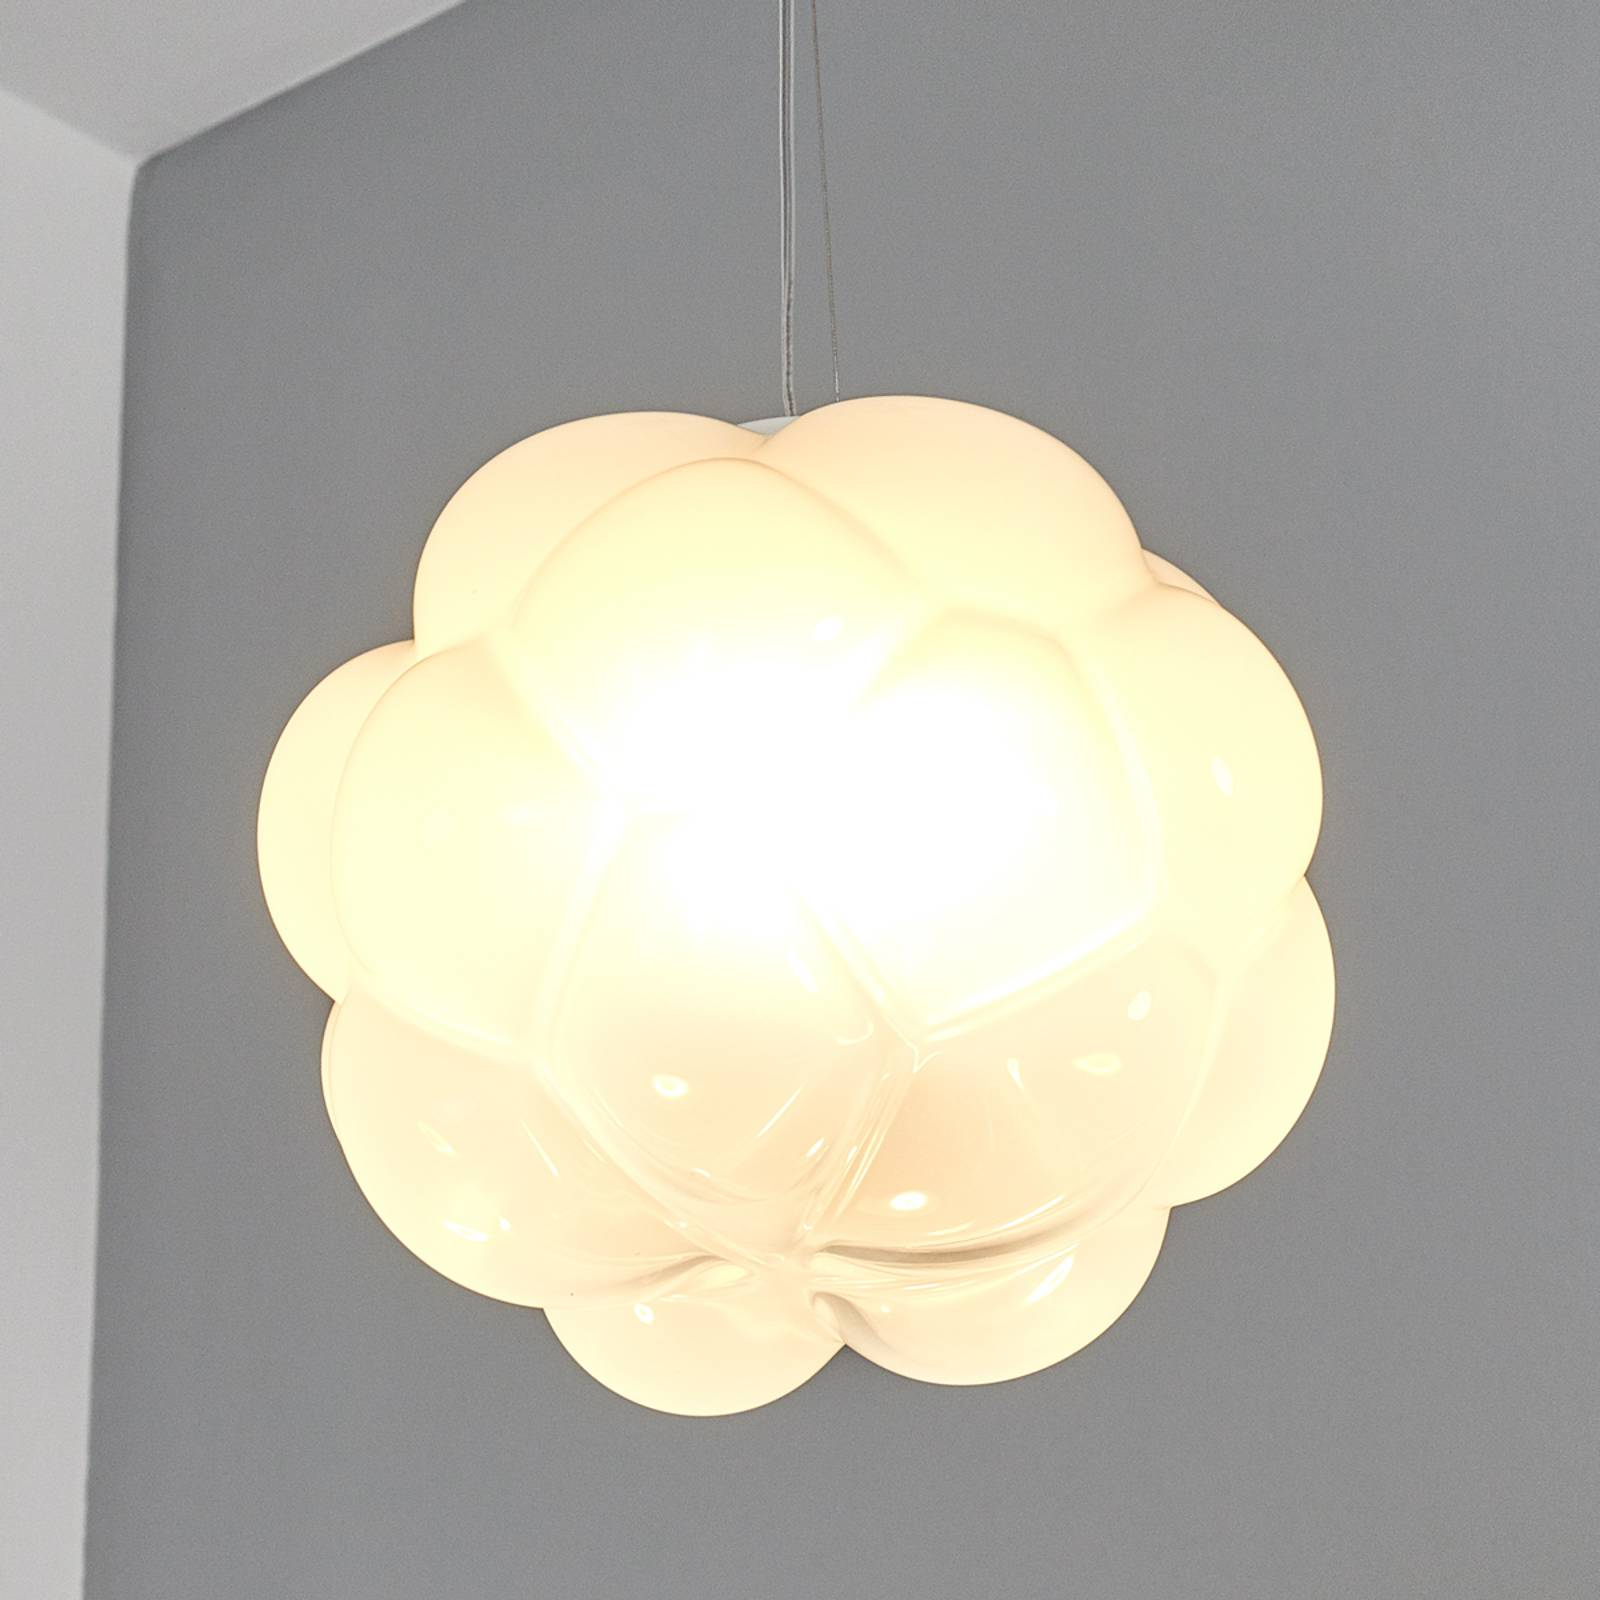 Suspension LED en forme de nuage Cloudy 26 cm